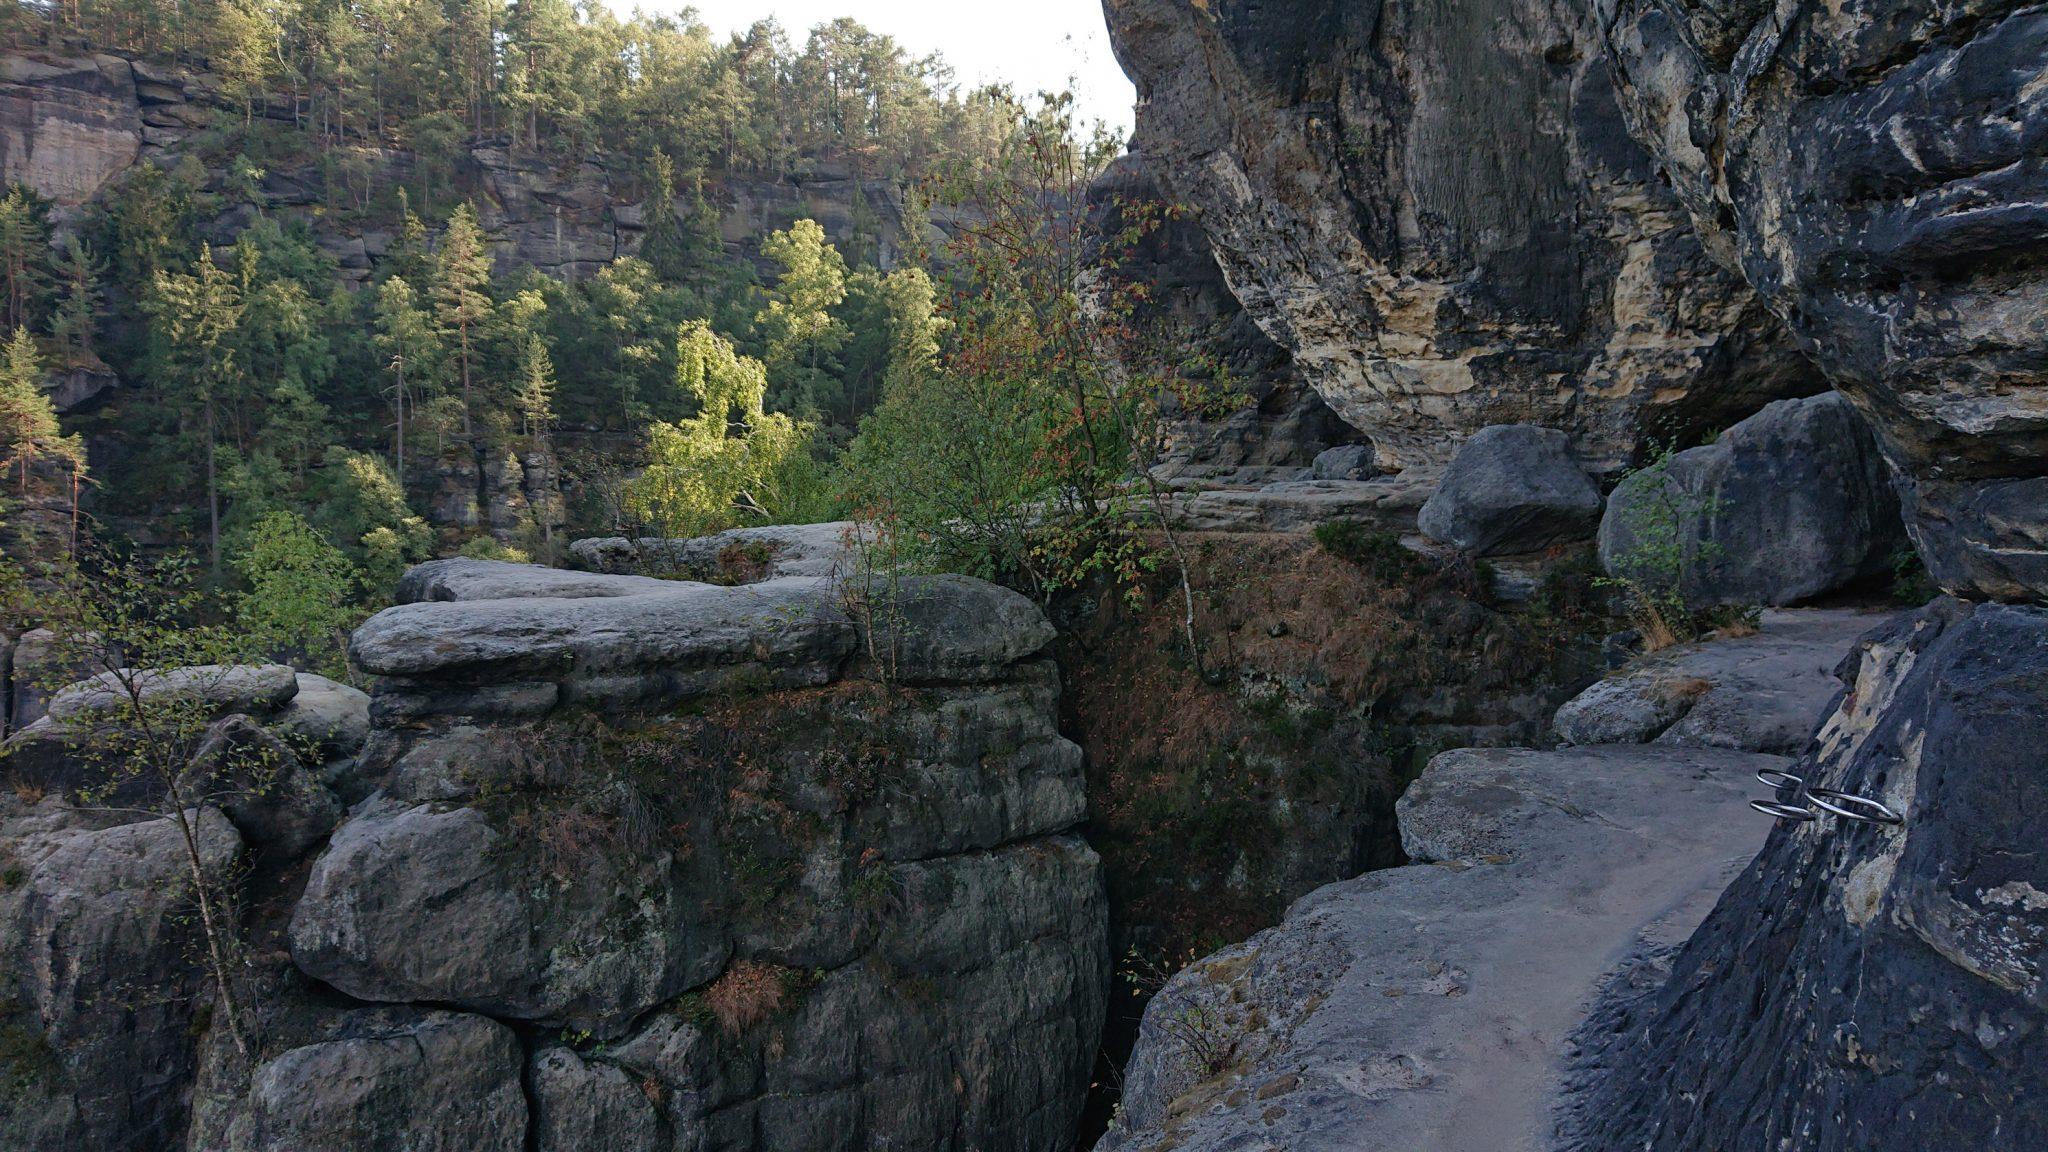 Affensteinweg Frienstein Carolafelsen und Wilde Hölle, Wanderweg im Wanderparadies Sächsische Schweiz mit vielen tollen Aussichten, riesiger Felsennationalpark, schöner Wald, unzählige Treppenstufen auf den Frienstein, Aussichtspunkt Idagrotte